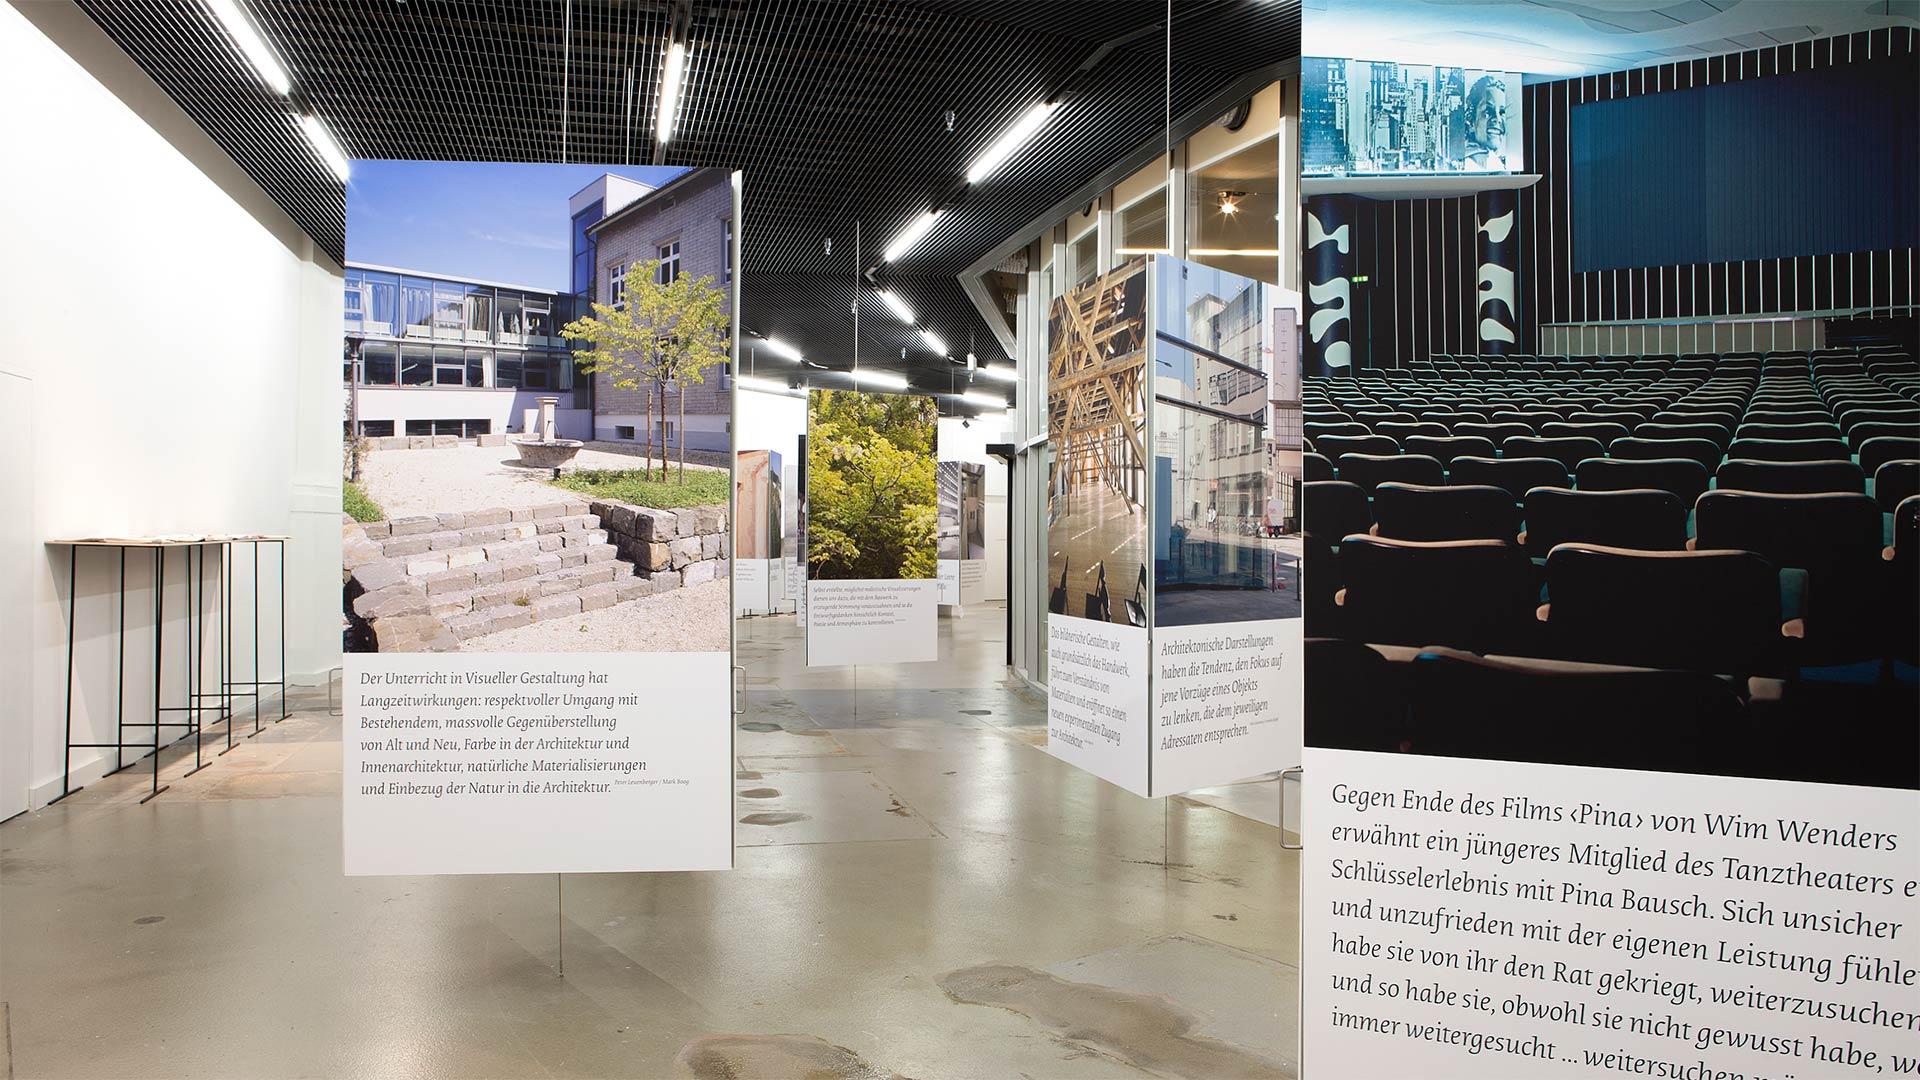 equipe-visuelle-luzern-emmenbruecke-agentur-grafik-ausstellungs-gestaltung-szenografie-hochschule-luzern-technik-und-architektur